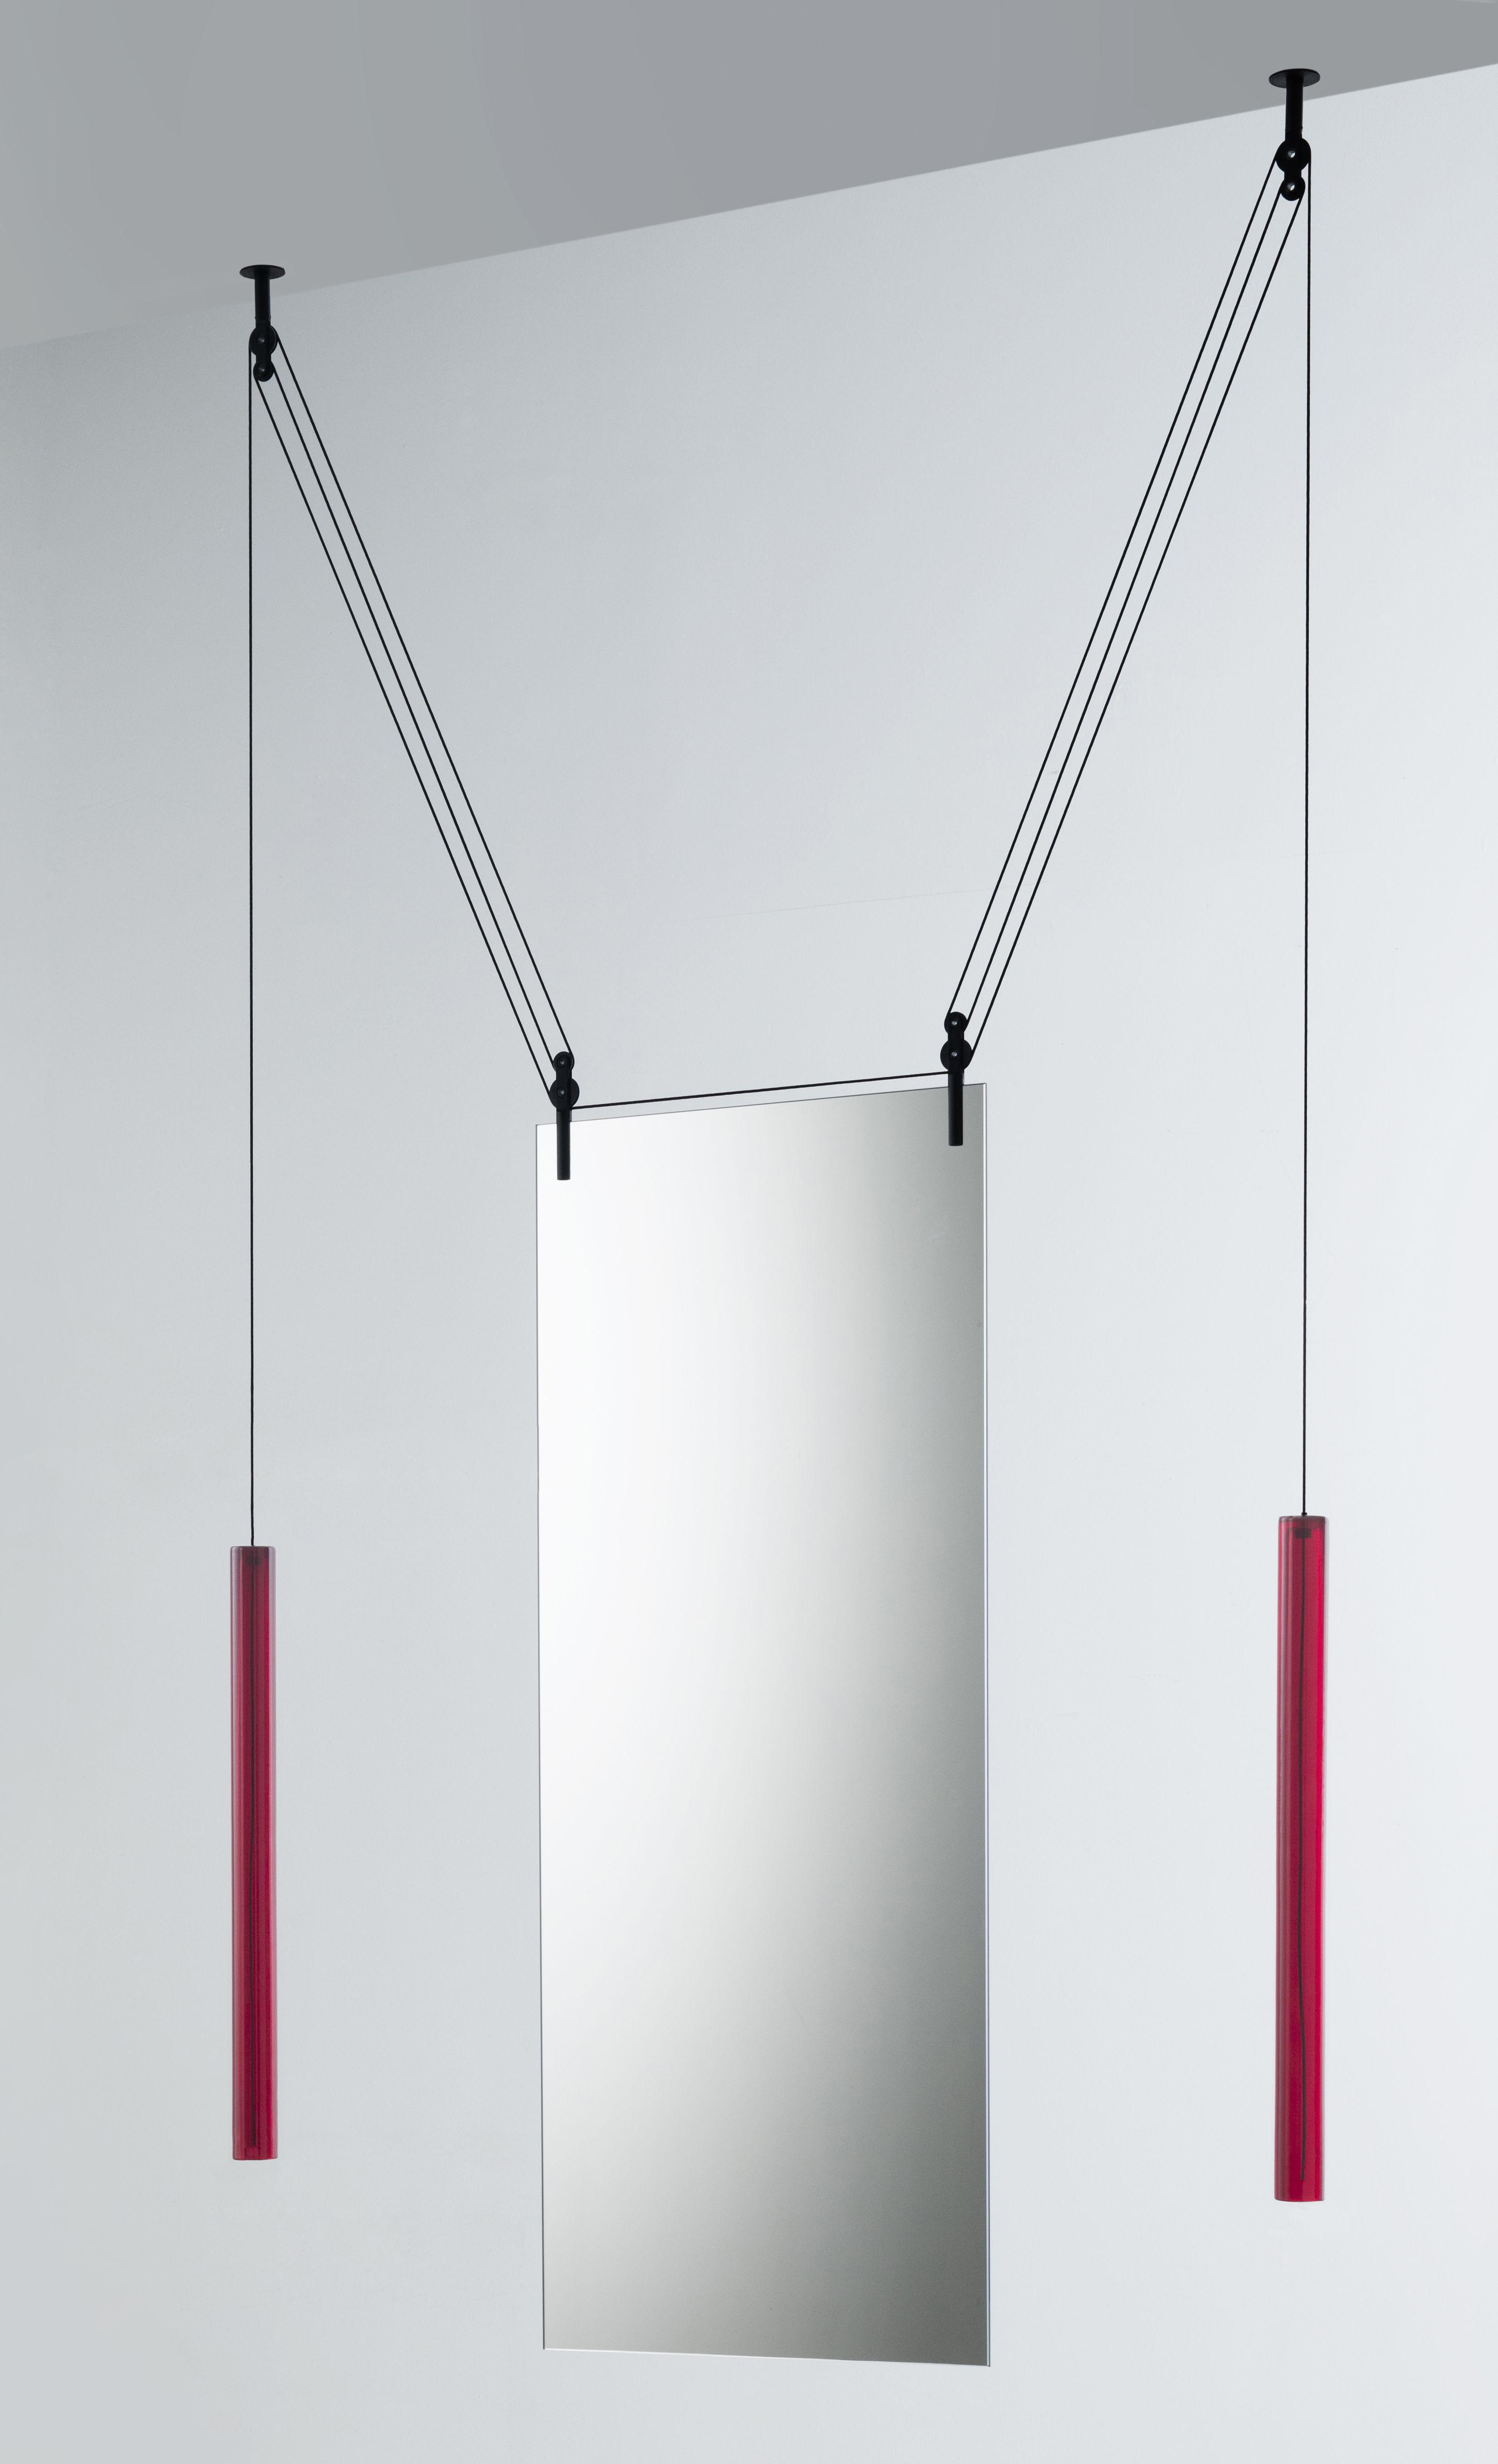 Déco - Miroirs - Miroir à suspendre Palanco H 125 cm / Double face - Réglable - Glas Italia - Cylindres rouges & câbles noirs - Aluminium teinté, Verre